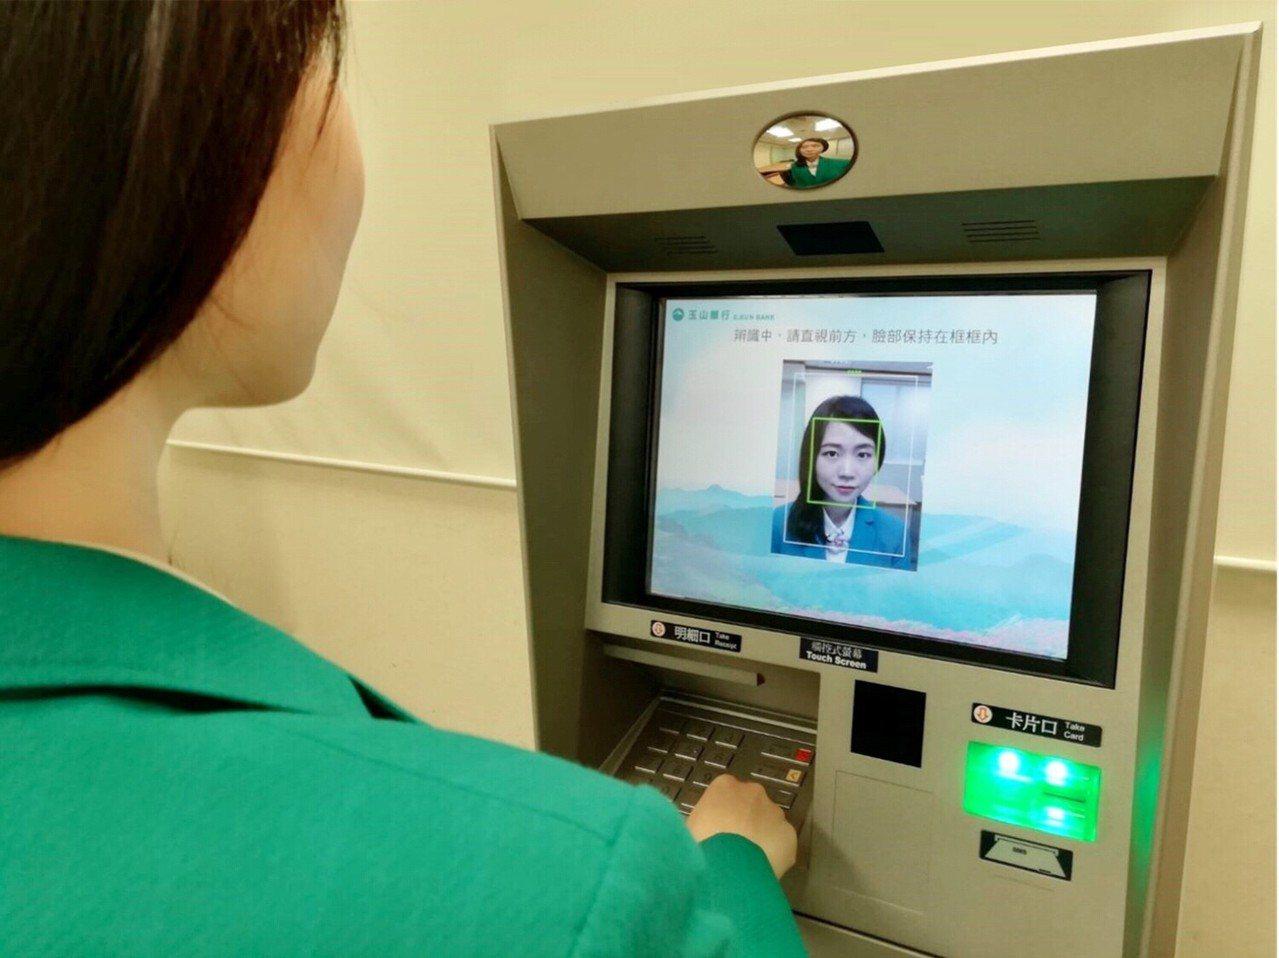 玉山銀行表示,今年內將推出ATM刷臉提款功能。圖/玉山銀提供。